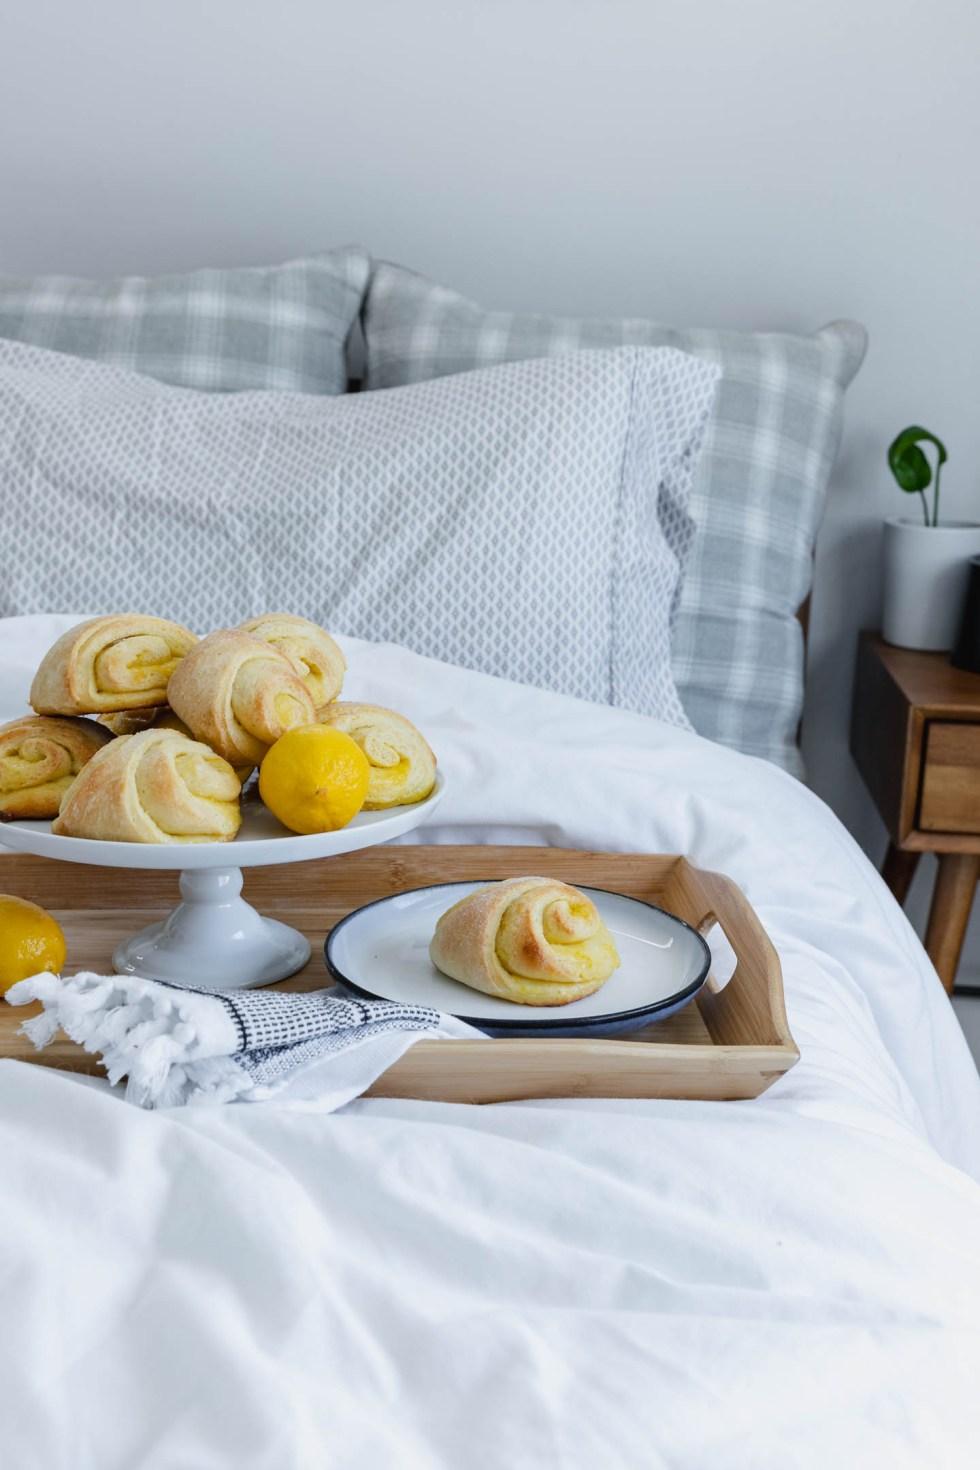 Breakfast in bed with meyer lemon sweet rolls